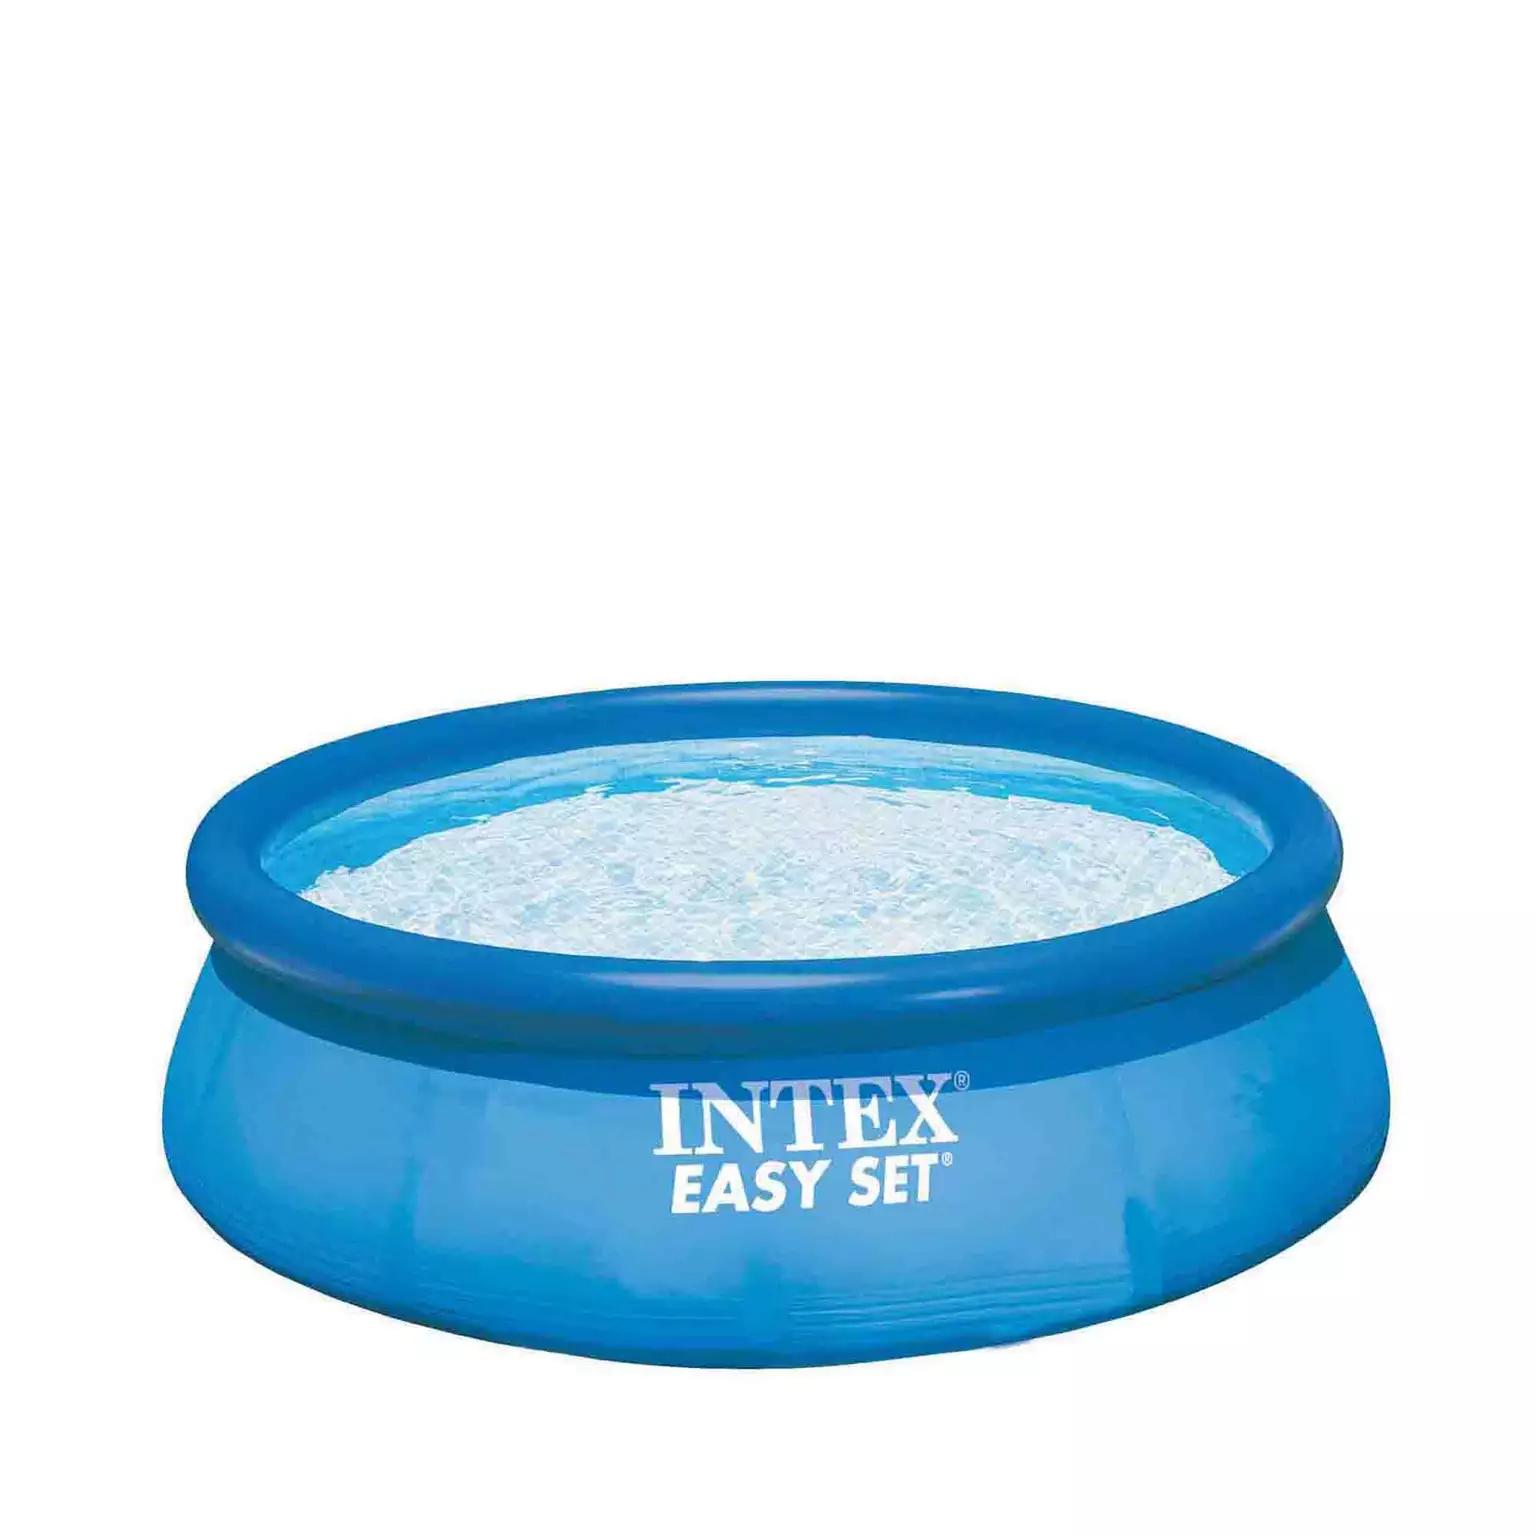 """Intex - 8' x 30"""" Easy Set Pool - £27.50 + £3.49 delivery @ Debenhams"""